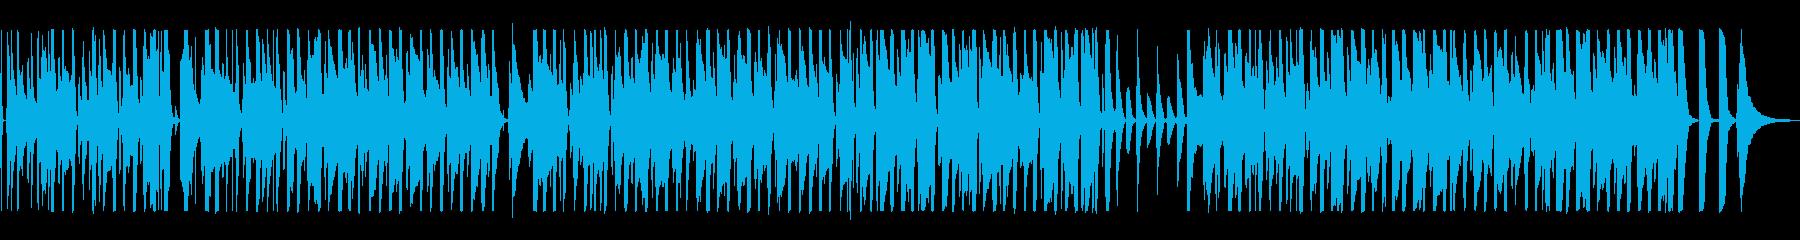 ウクレレと笛の音がほのぼのしたポップスの再生済みの波形